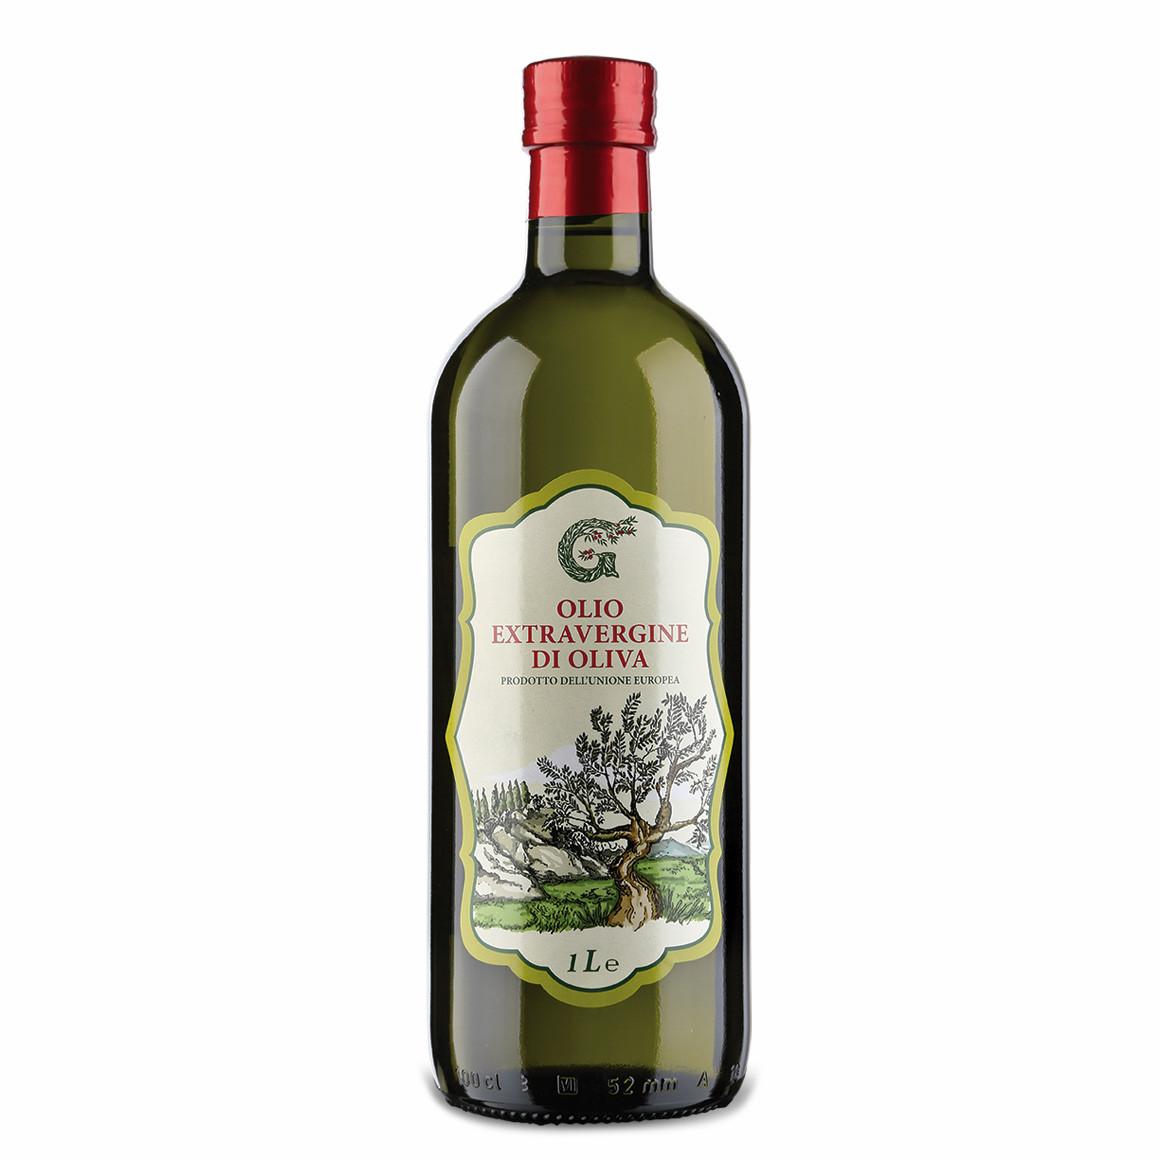 Олія оливкова Olearia del Garda,1л, 12шт/ящ